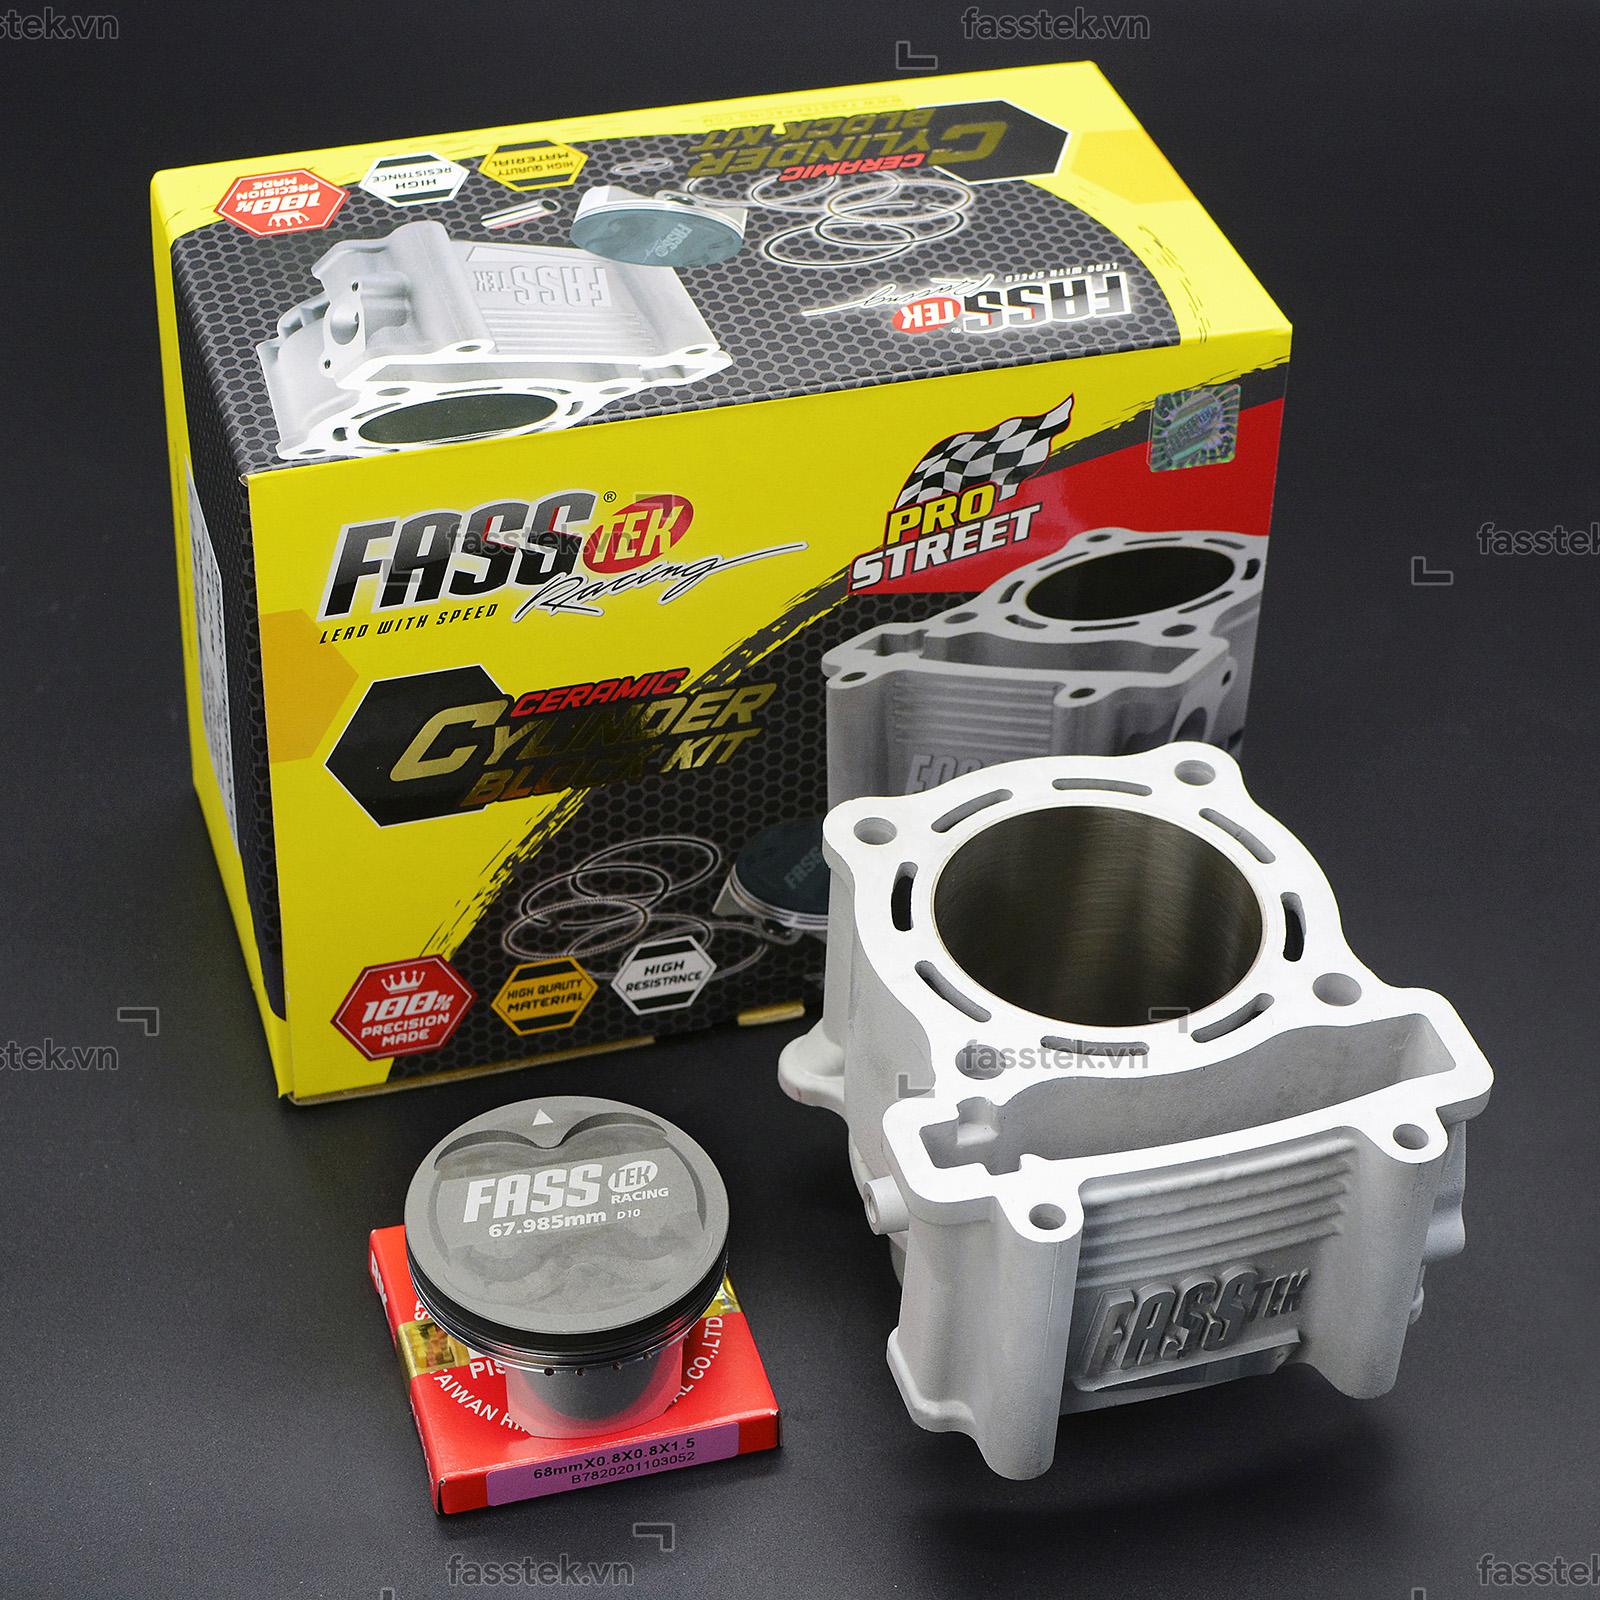 Bộ nòng kính trái nén Fasstek Racing 68mm, chân 32 V2 cho Exciter